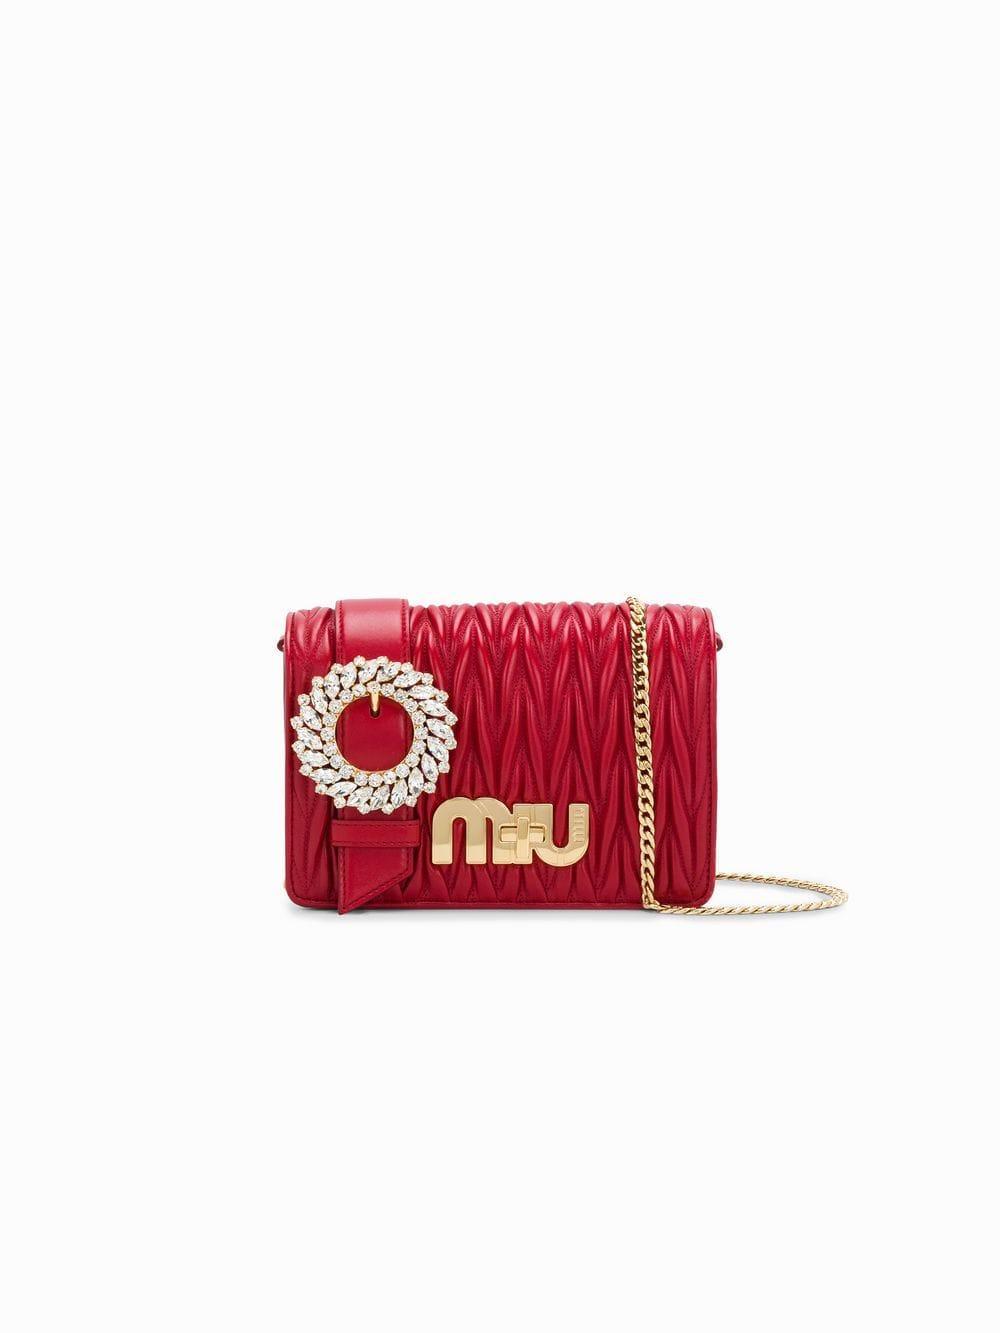 Miu Miu Leather My Miu Shoulder Bag in Red